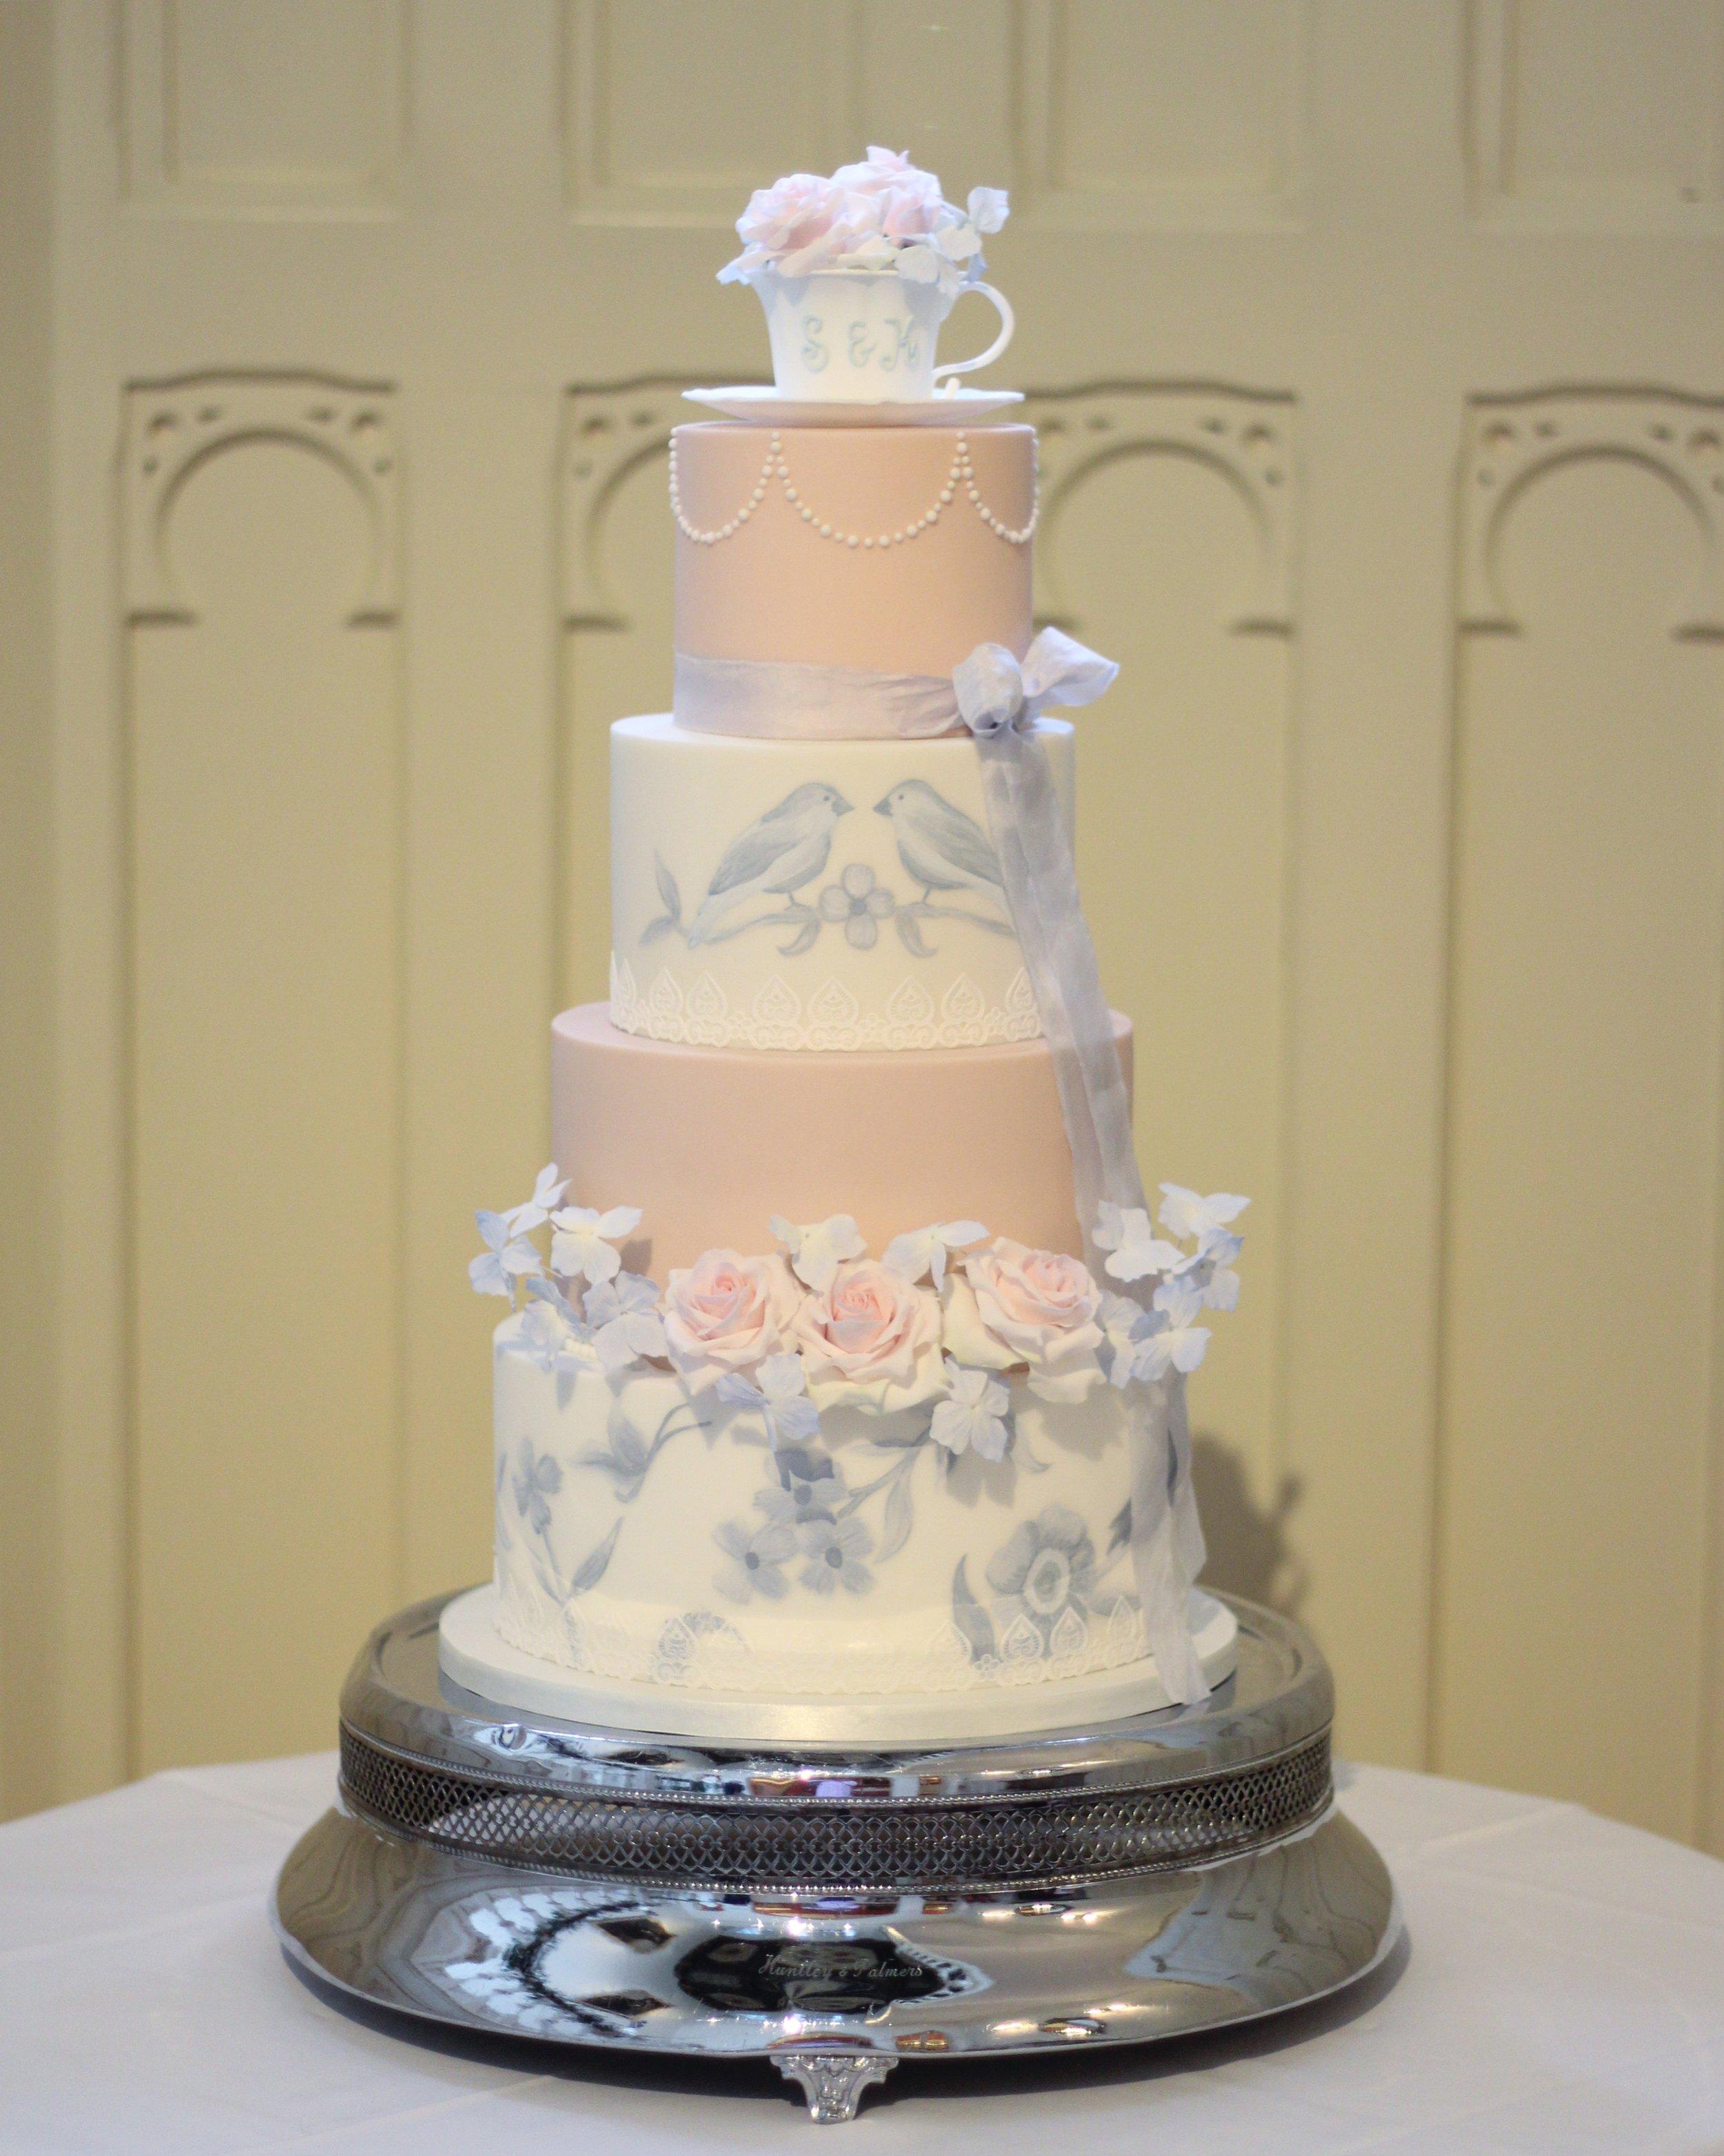 Blue & blush hand painted wedding cake